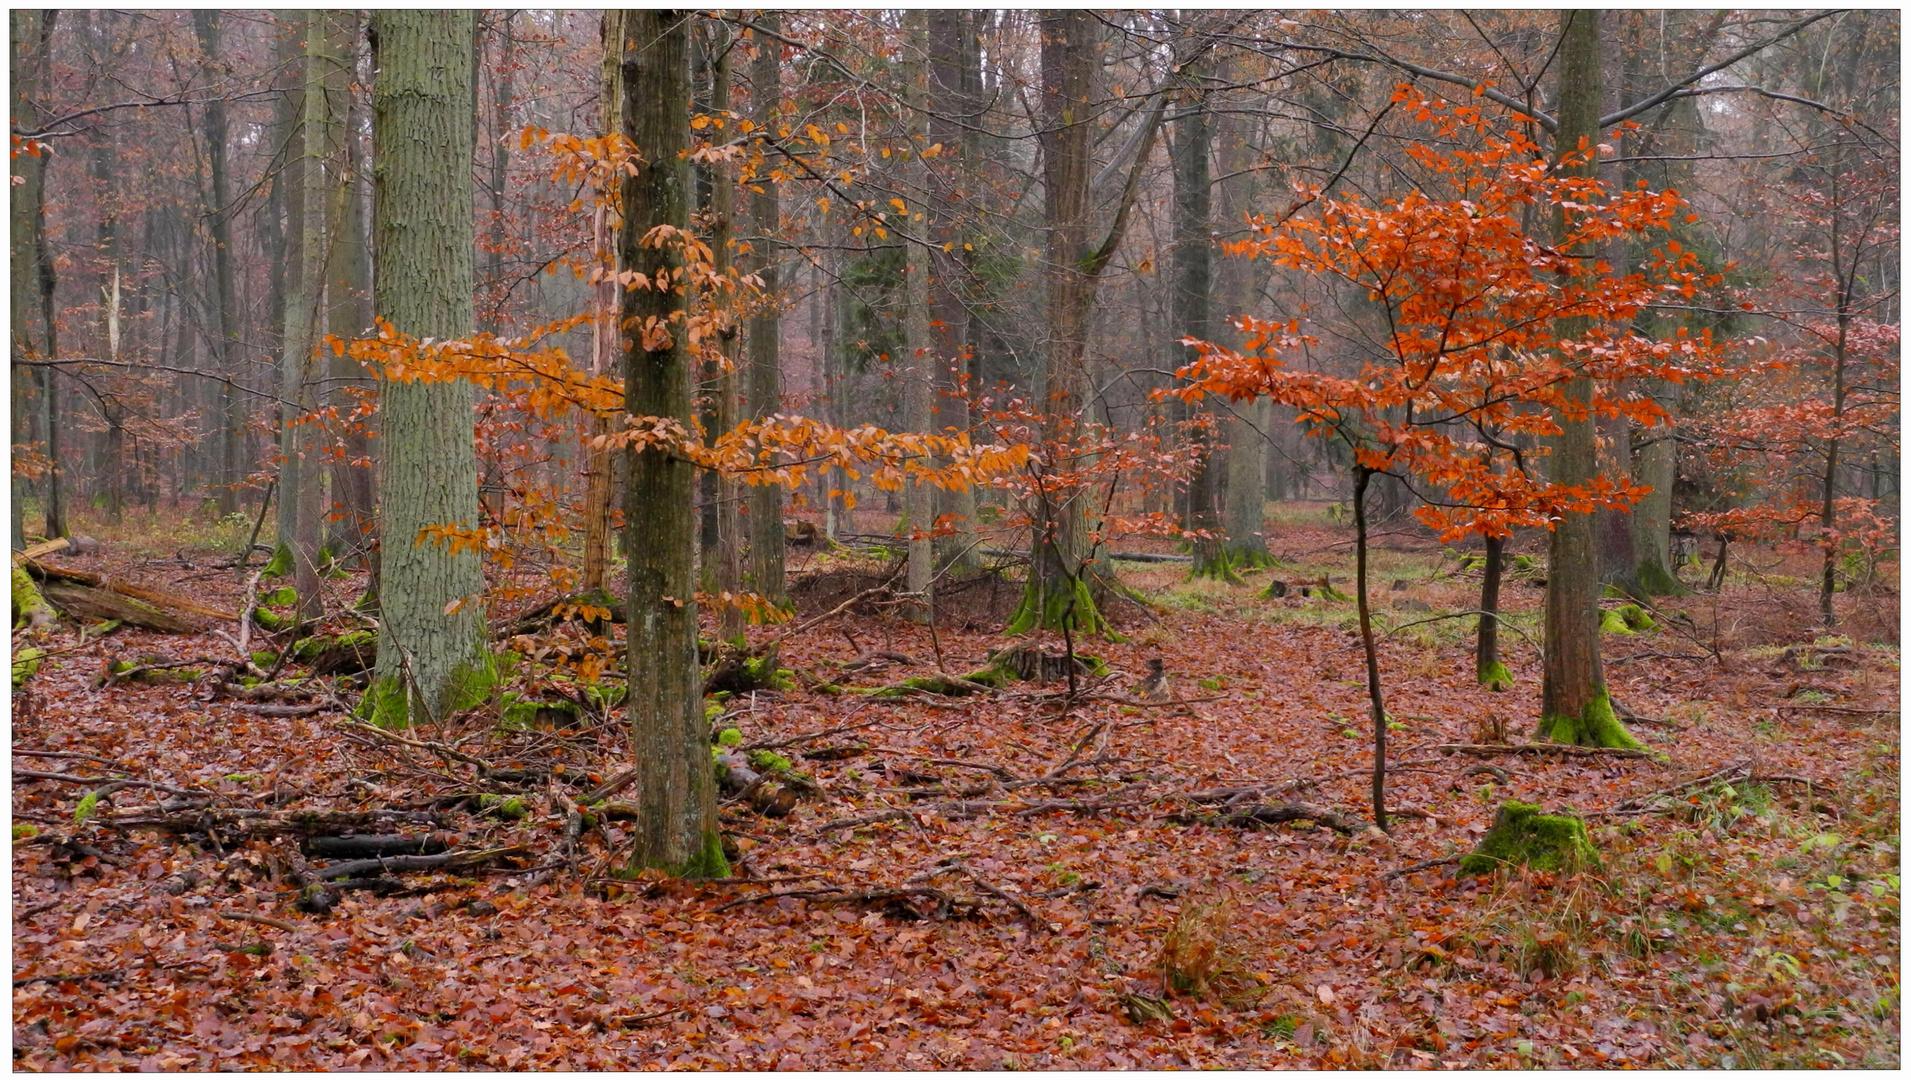 herbstlicher Wald (Bosque otoñal)